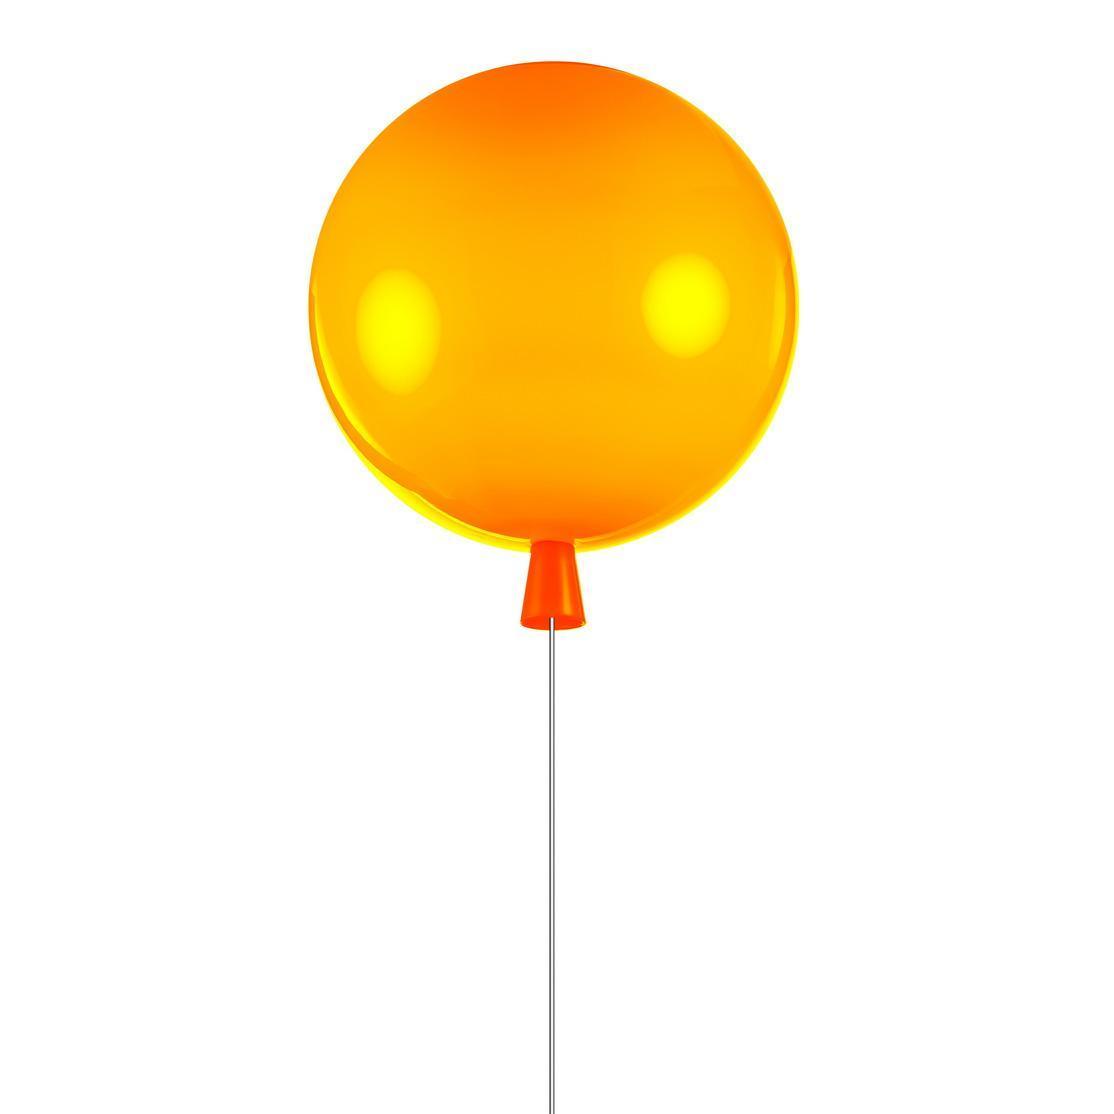 Потолочный светильник Loft IT 5055C/S orange потолочный светильник loft it 5055c s white